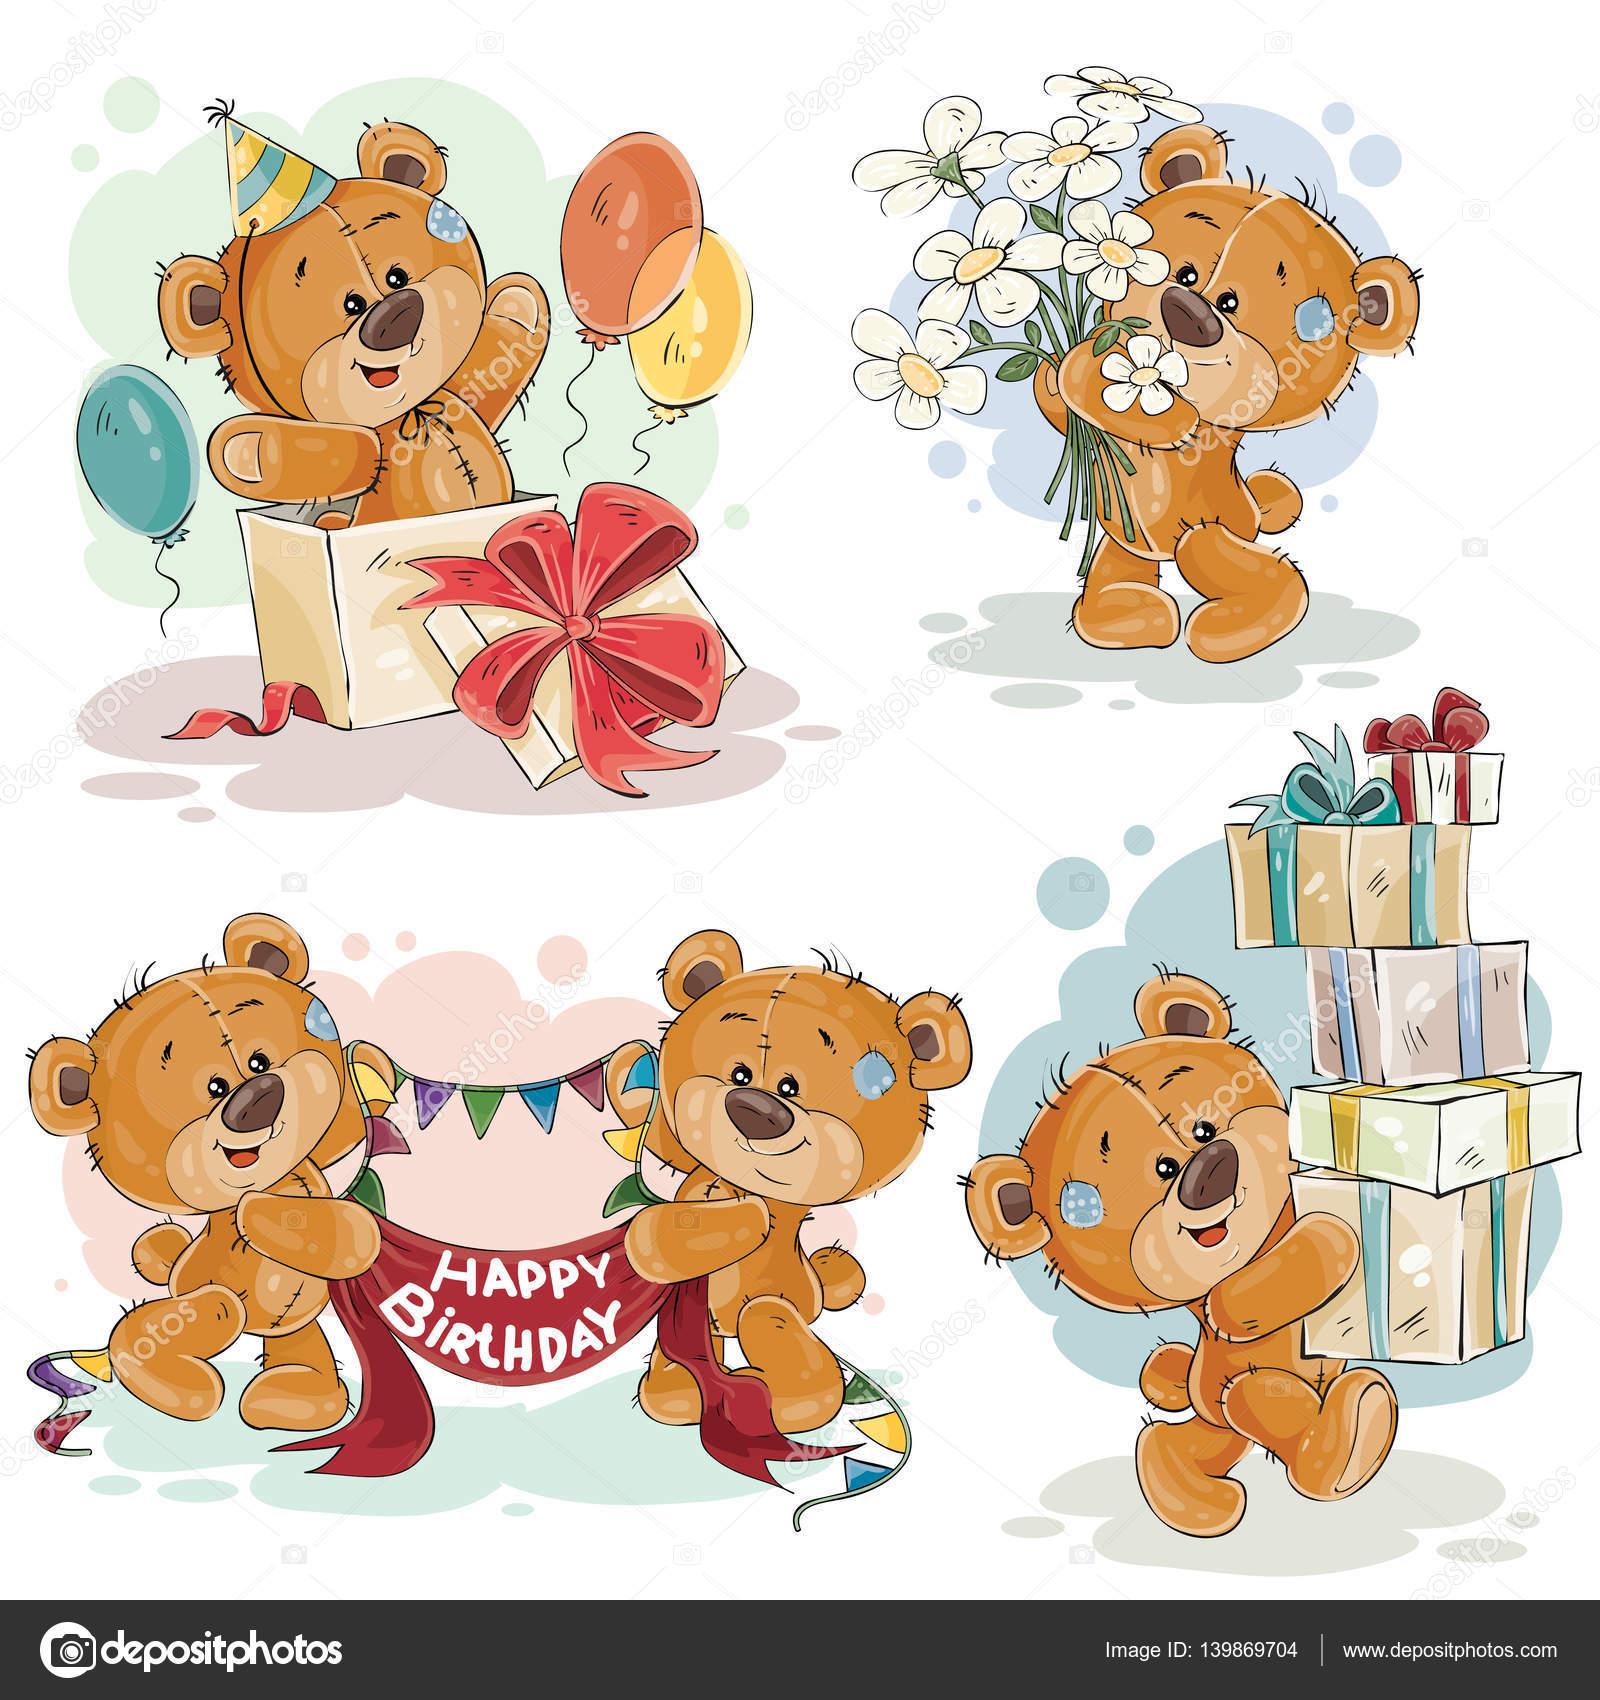 Clip Art Illustrations De Nounours Vous Souhaite Un Joyeux